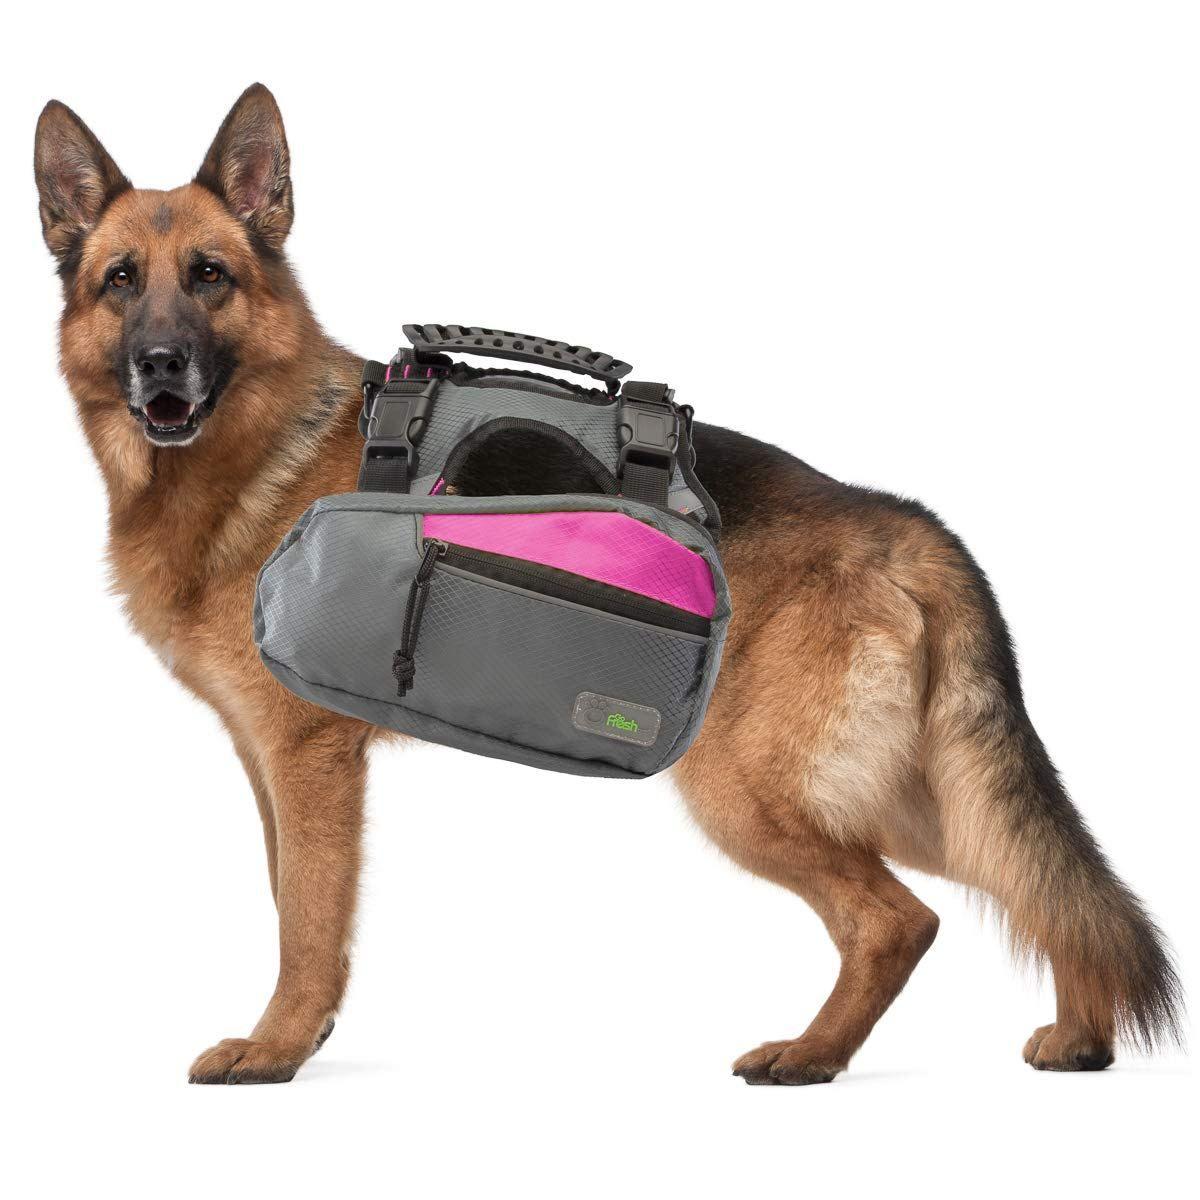 Go Fresh Pet Trail Pack Backpack Harness Dog Walking Hiking